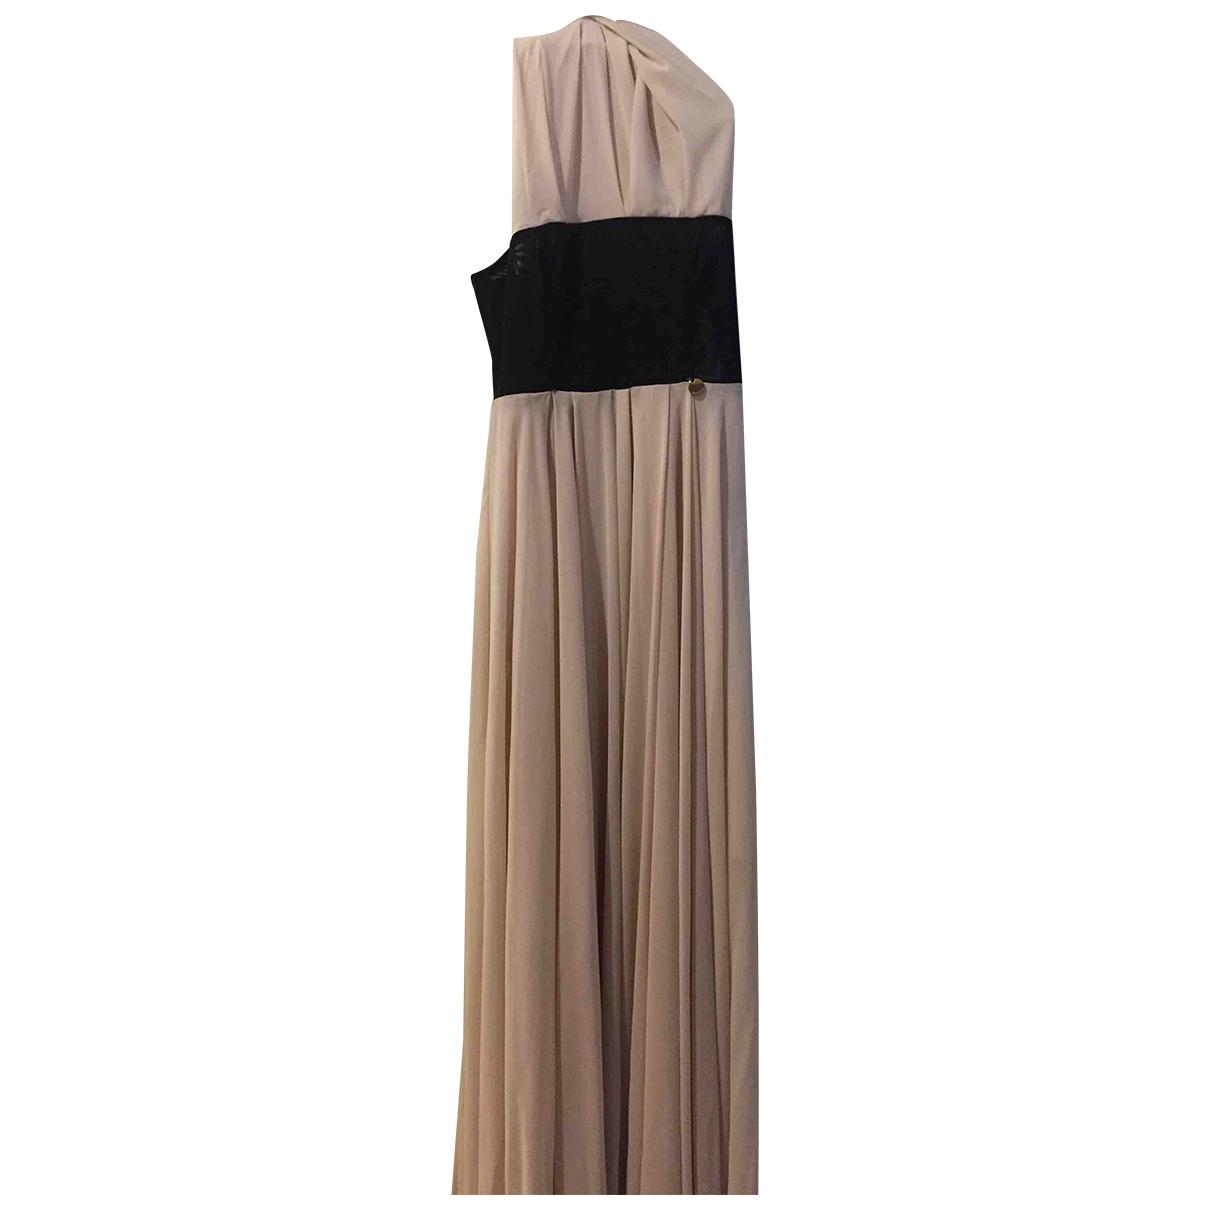 Mangano - Robe   pour femme en coton - elasthane - beige